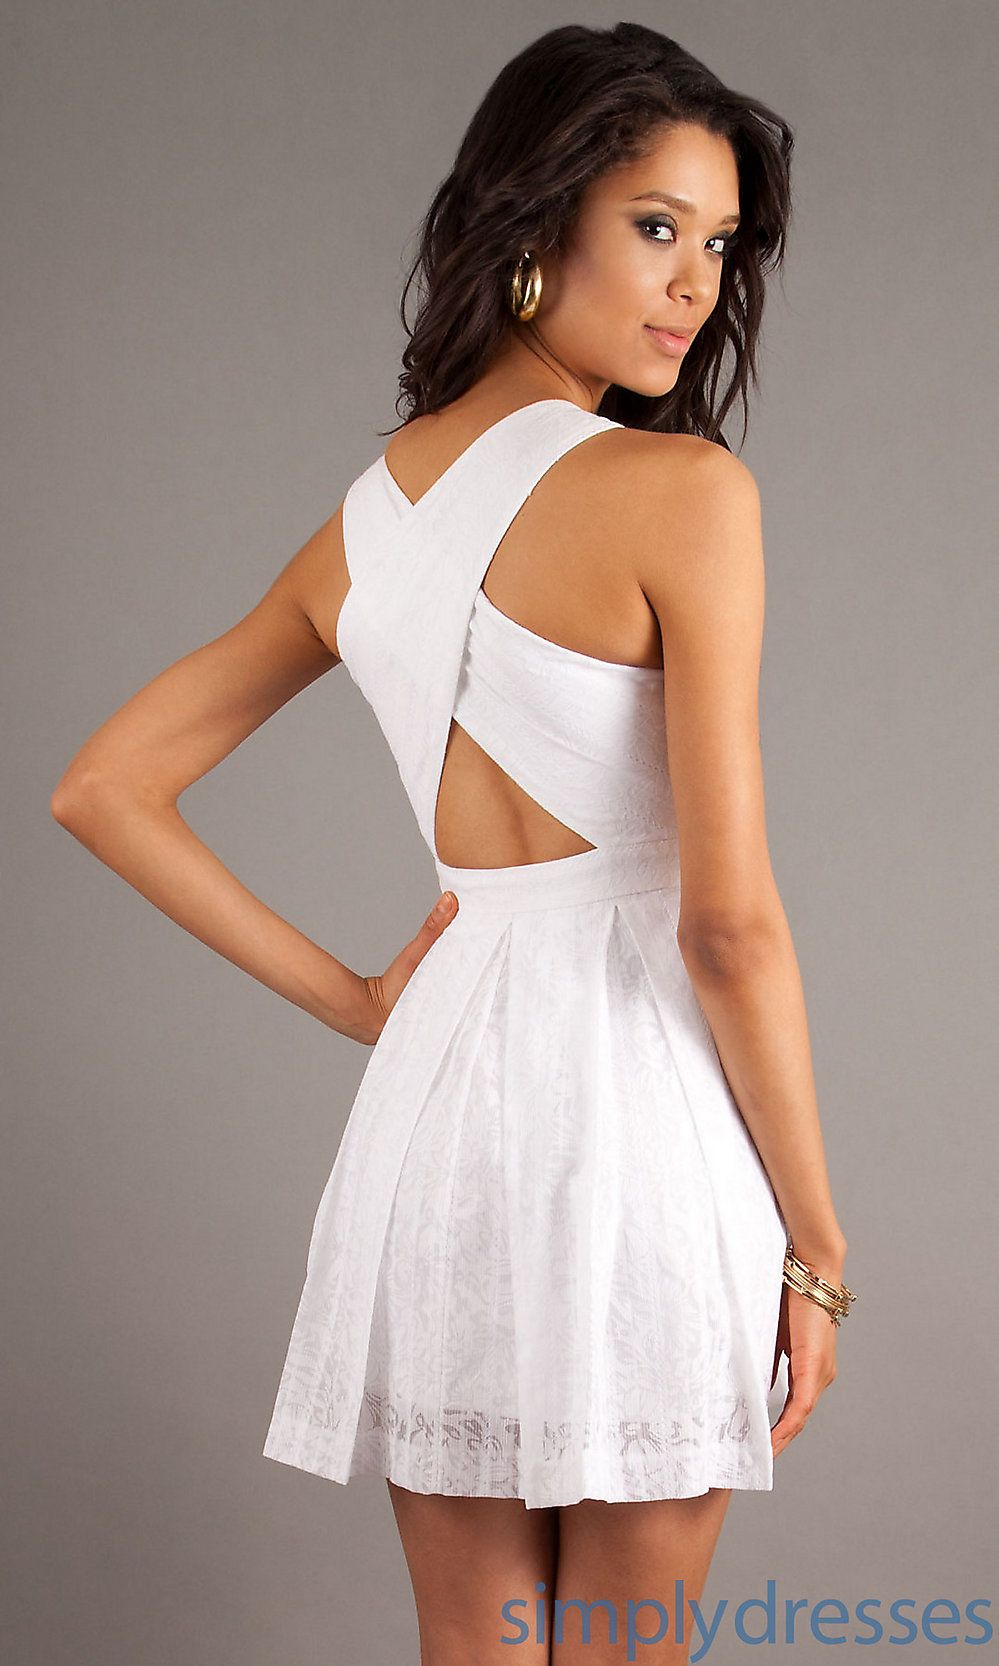 White formal dresses | White dresses | Pinterest